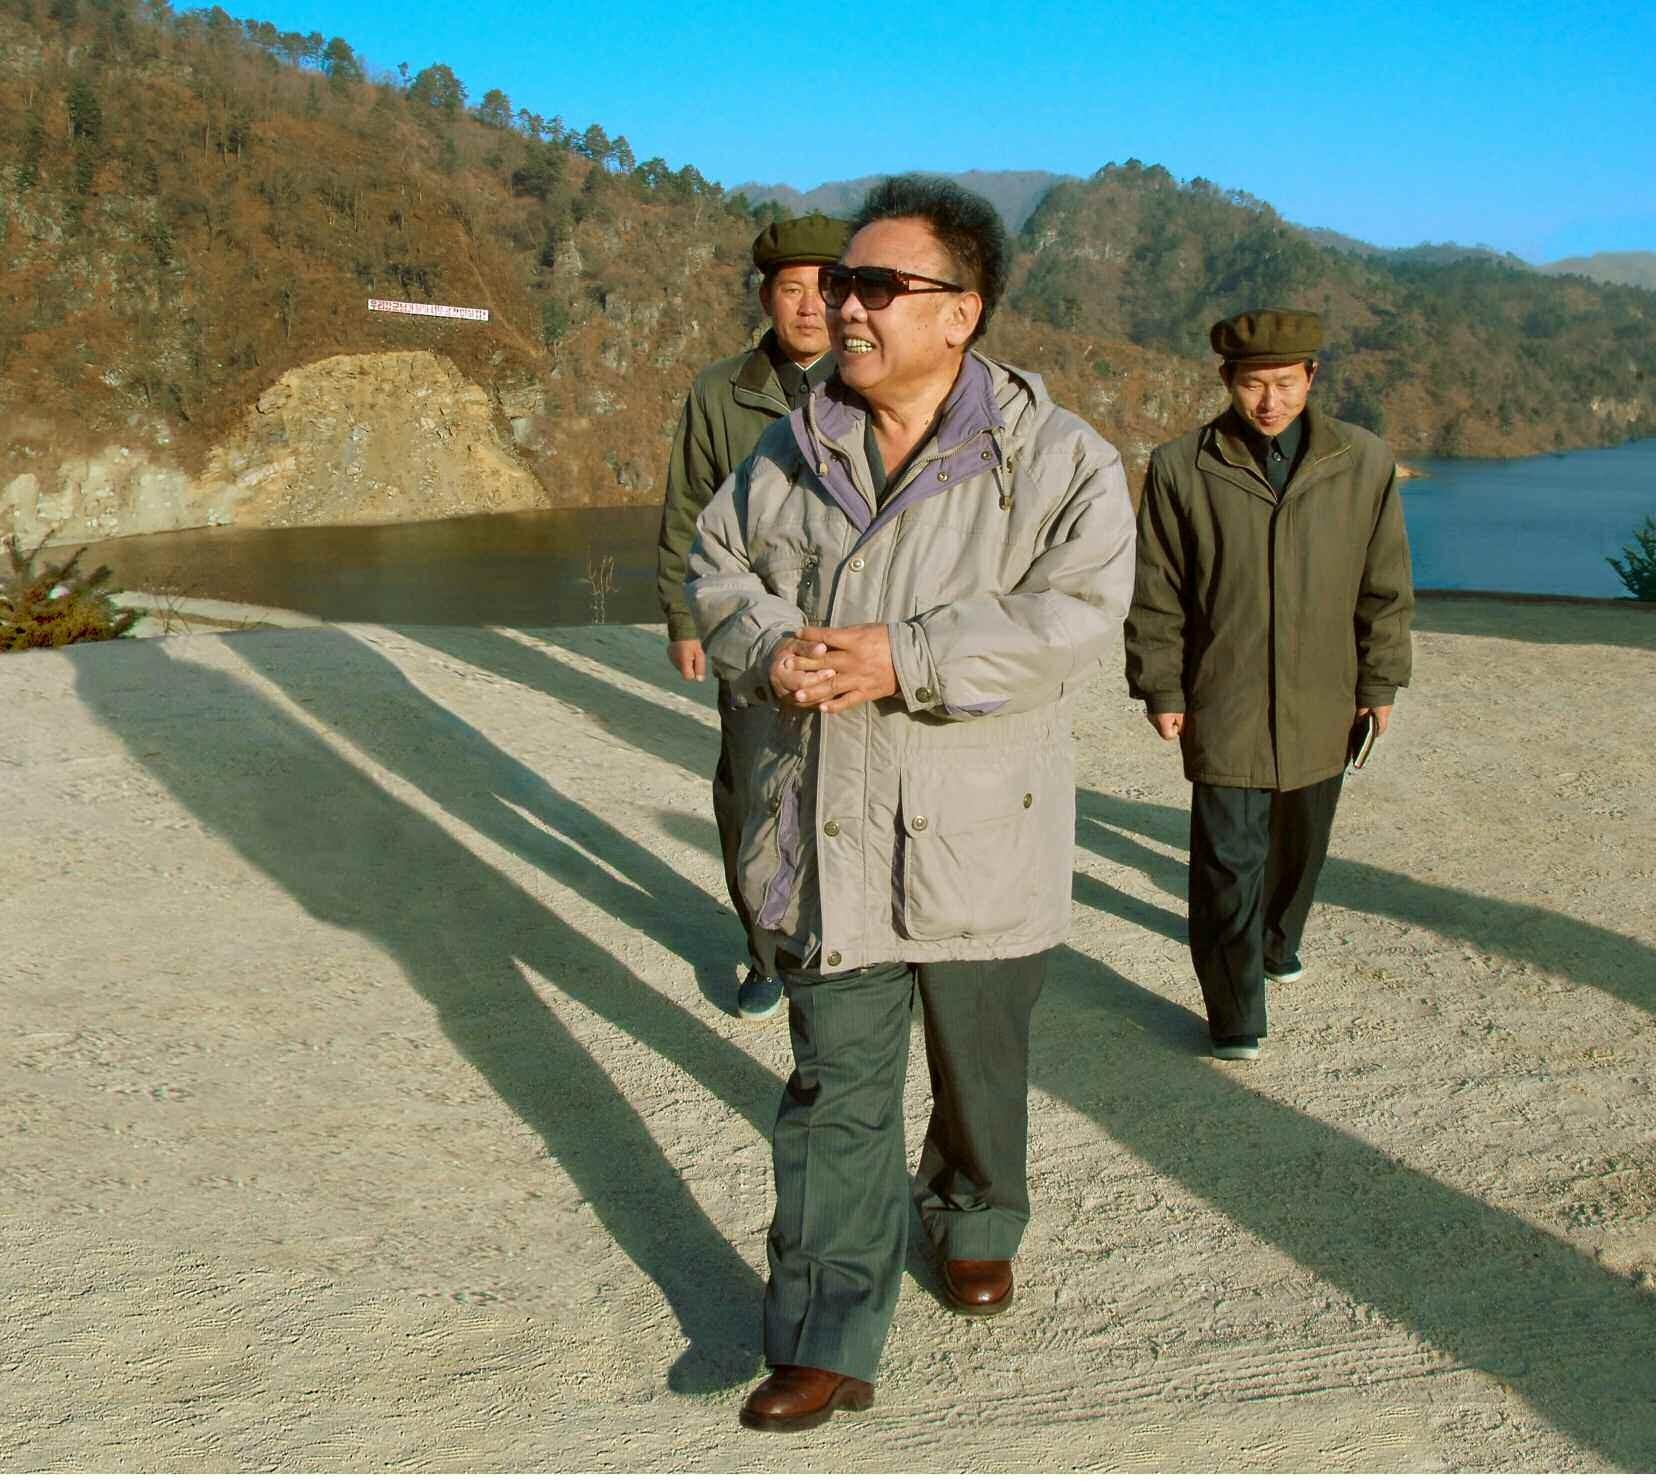 4. Великий Руководитель товарищ Ким Чен Ир инспектирует находящуюся в стадии завершения строительных работ Вонсанскую электростанцию ''Молодёжная'', ноябрь 2007 года